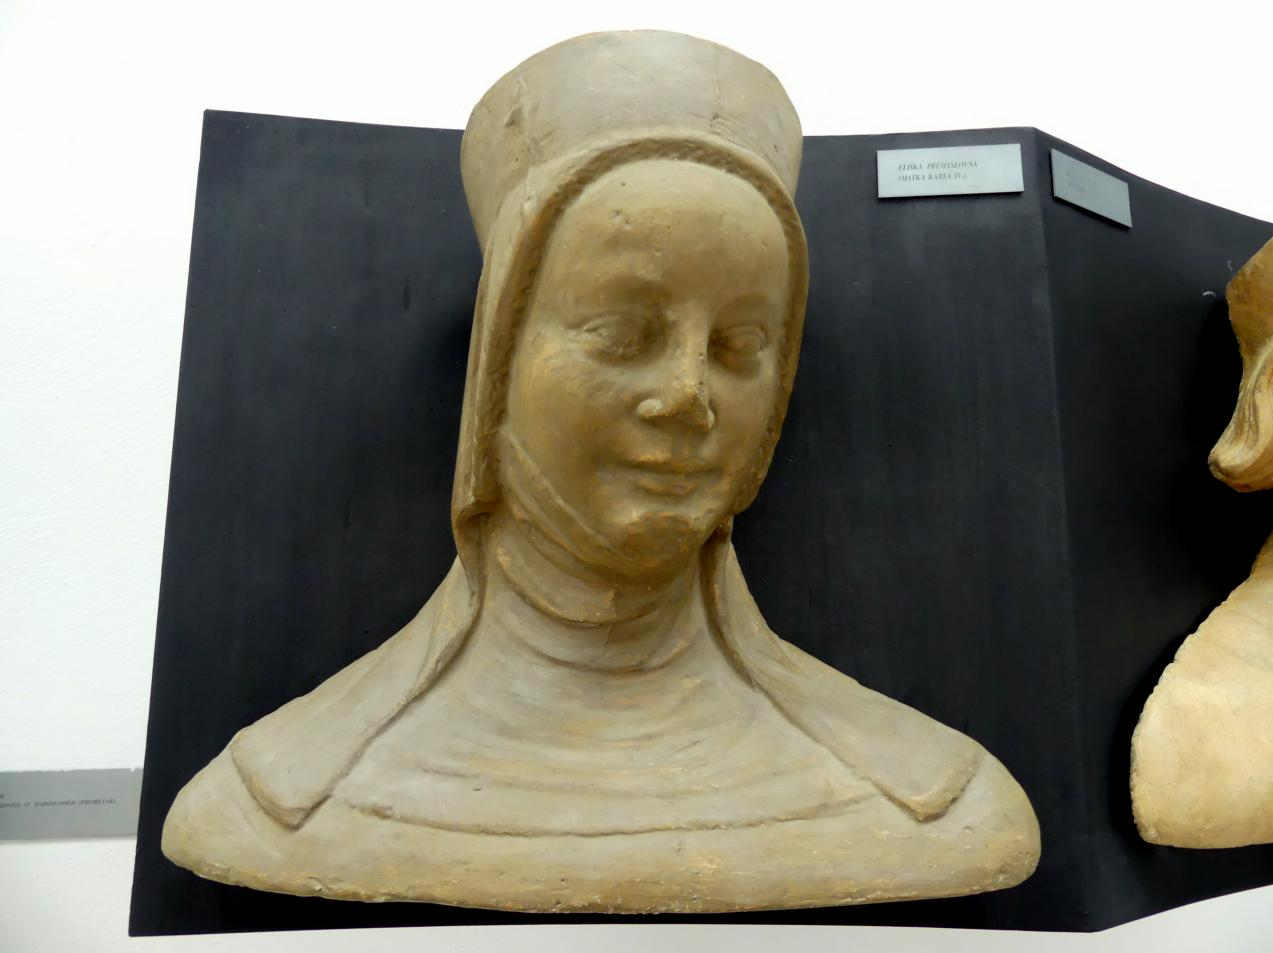 Peter Parler: Elisabeth Přemyslovna, Tochter von Wenzel II. und Guta von Habsburg, Mutter von Karl IV., 1376 - 1385